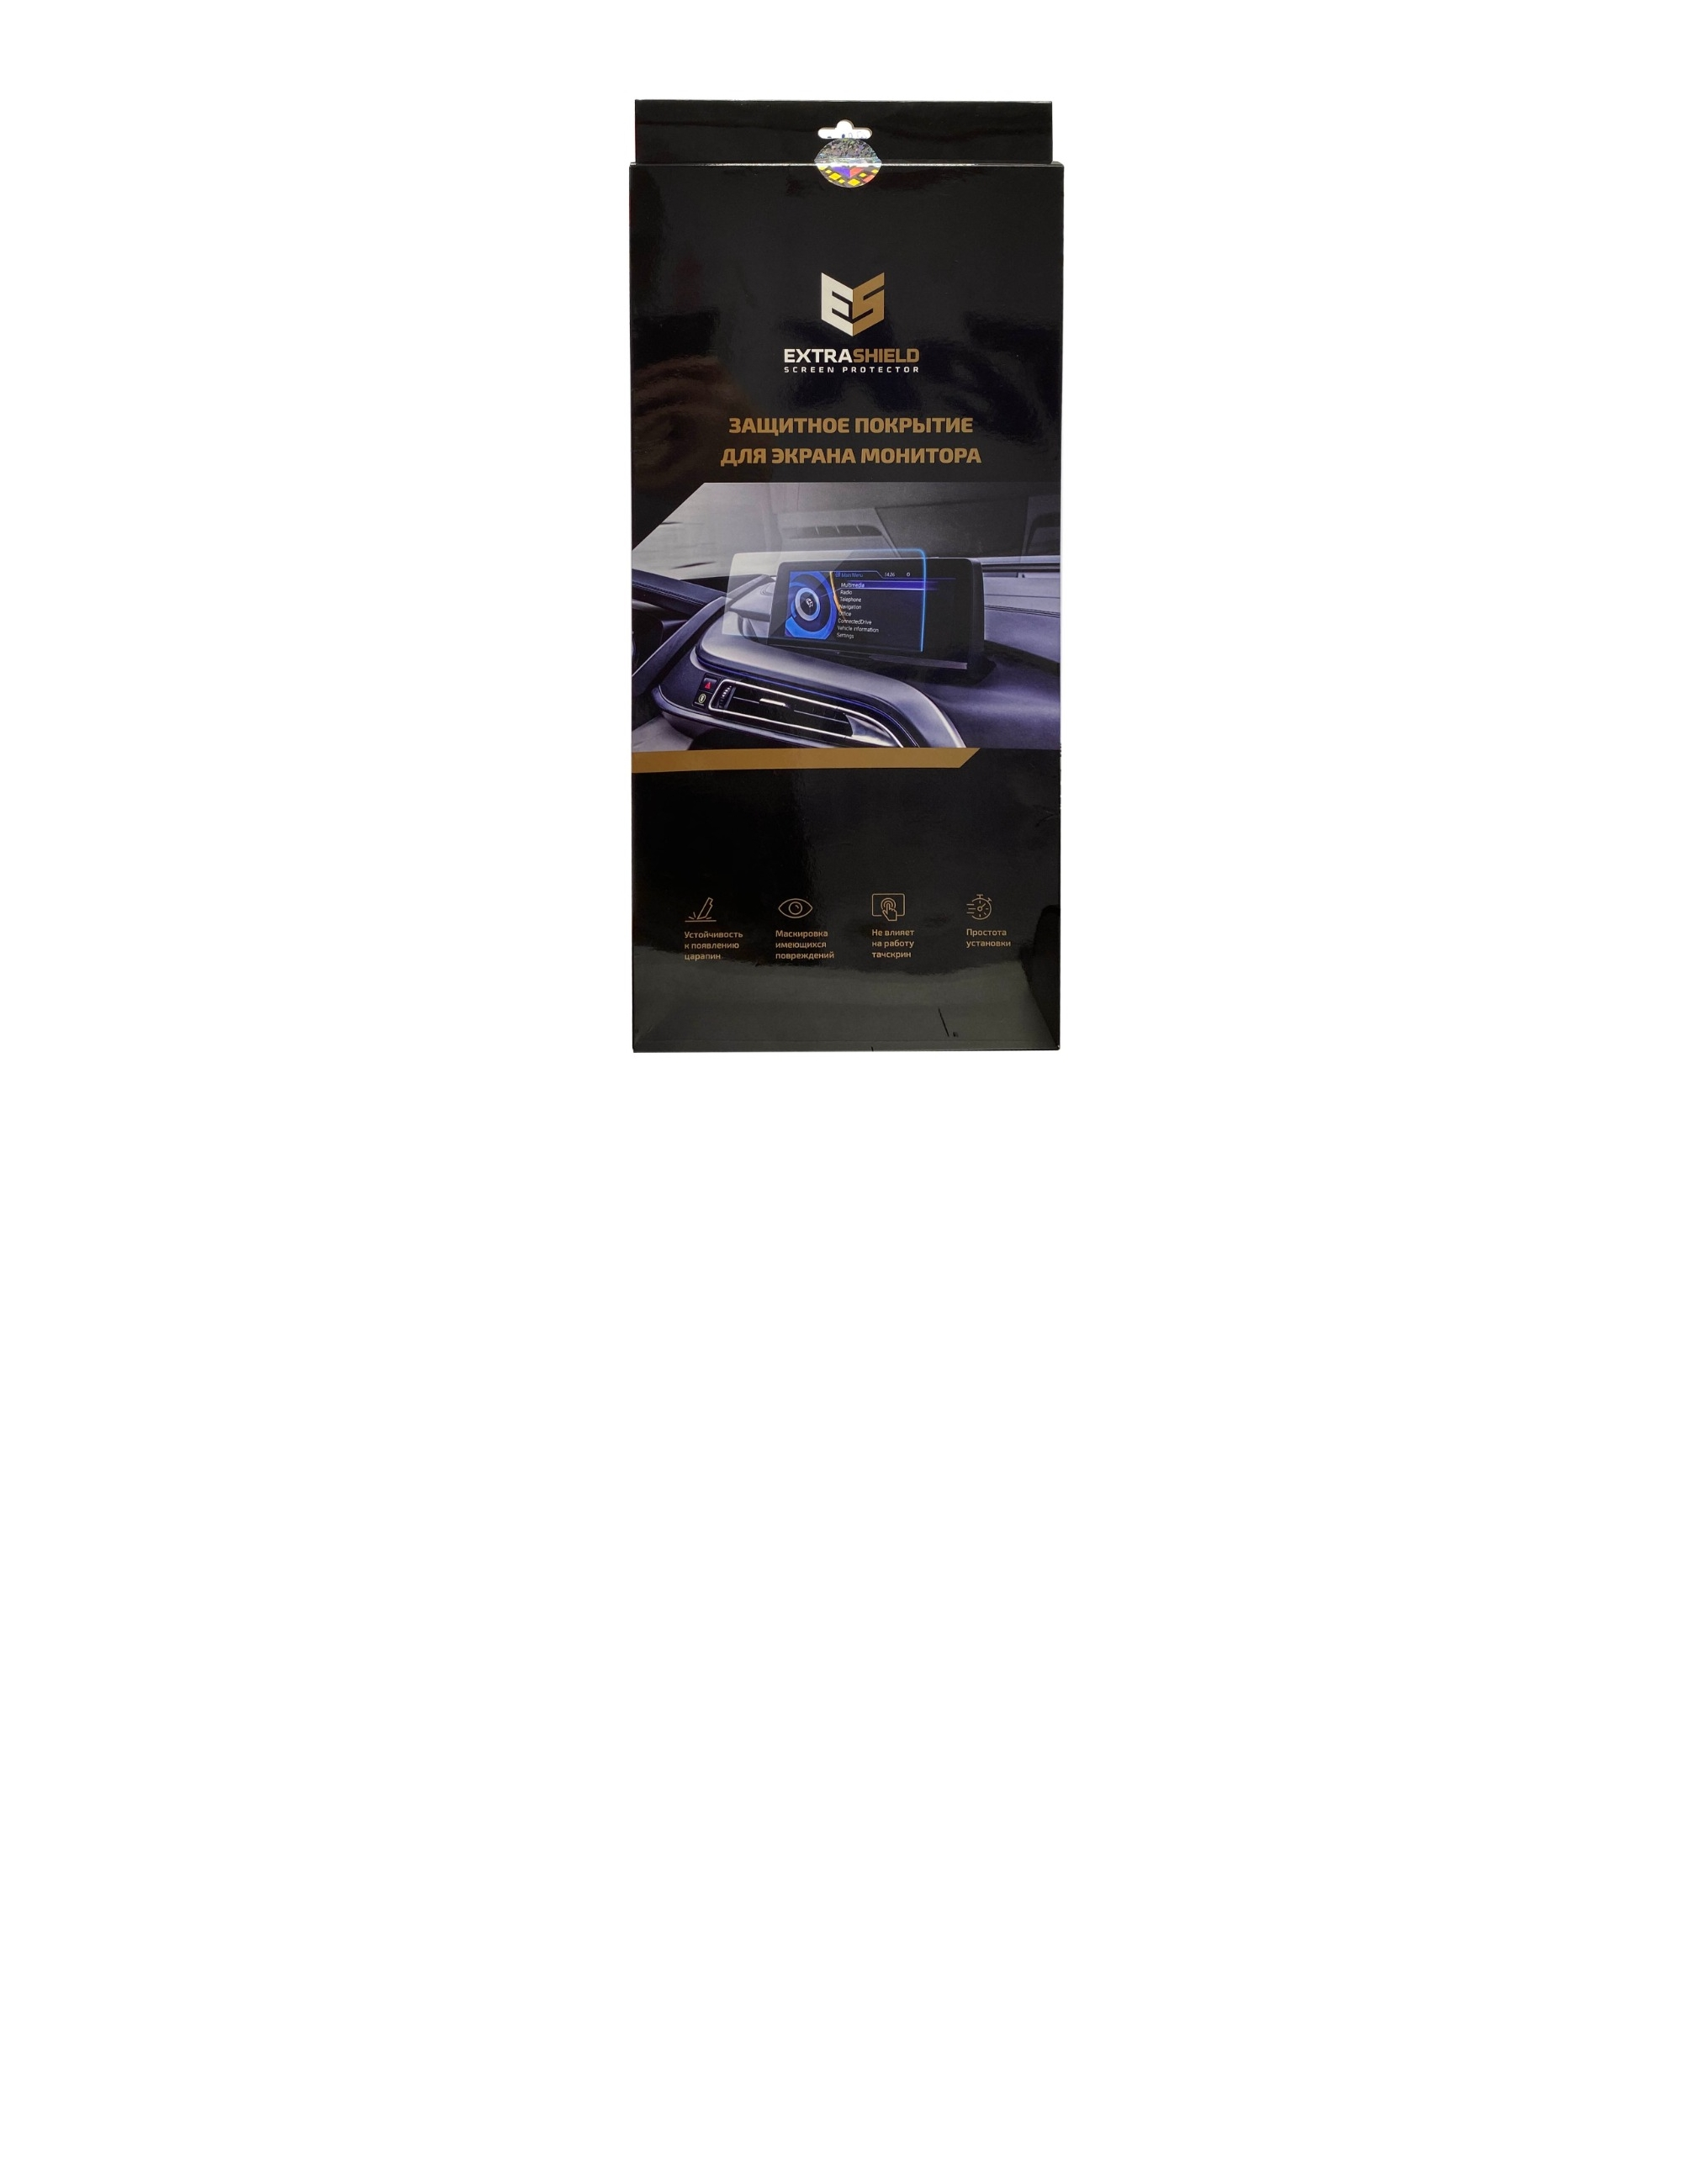 Skoda Octavia 2016 - 2019 мультимедиа Bolero 8 Защитное стекло Матовая